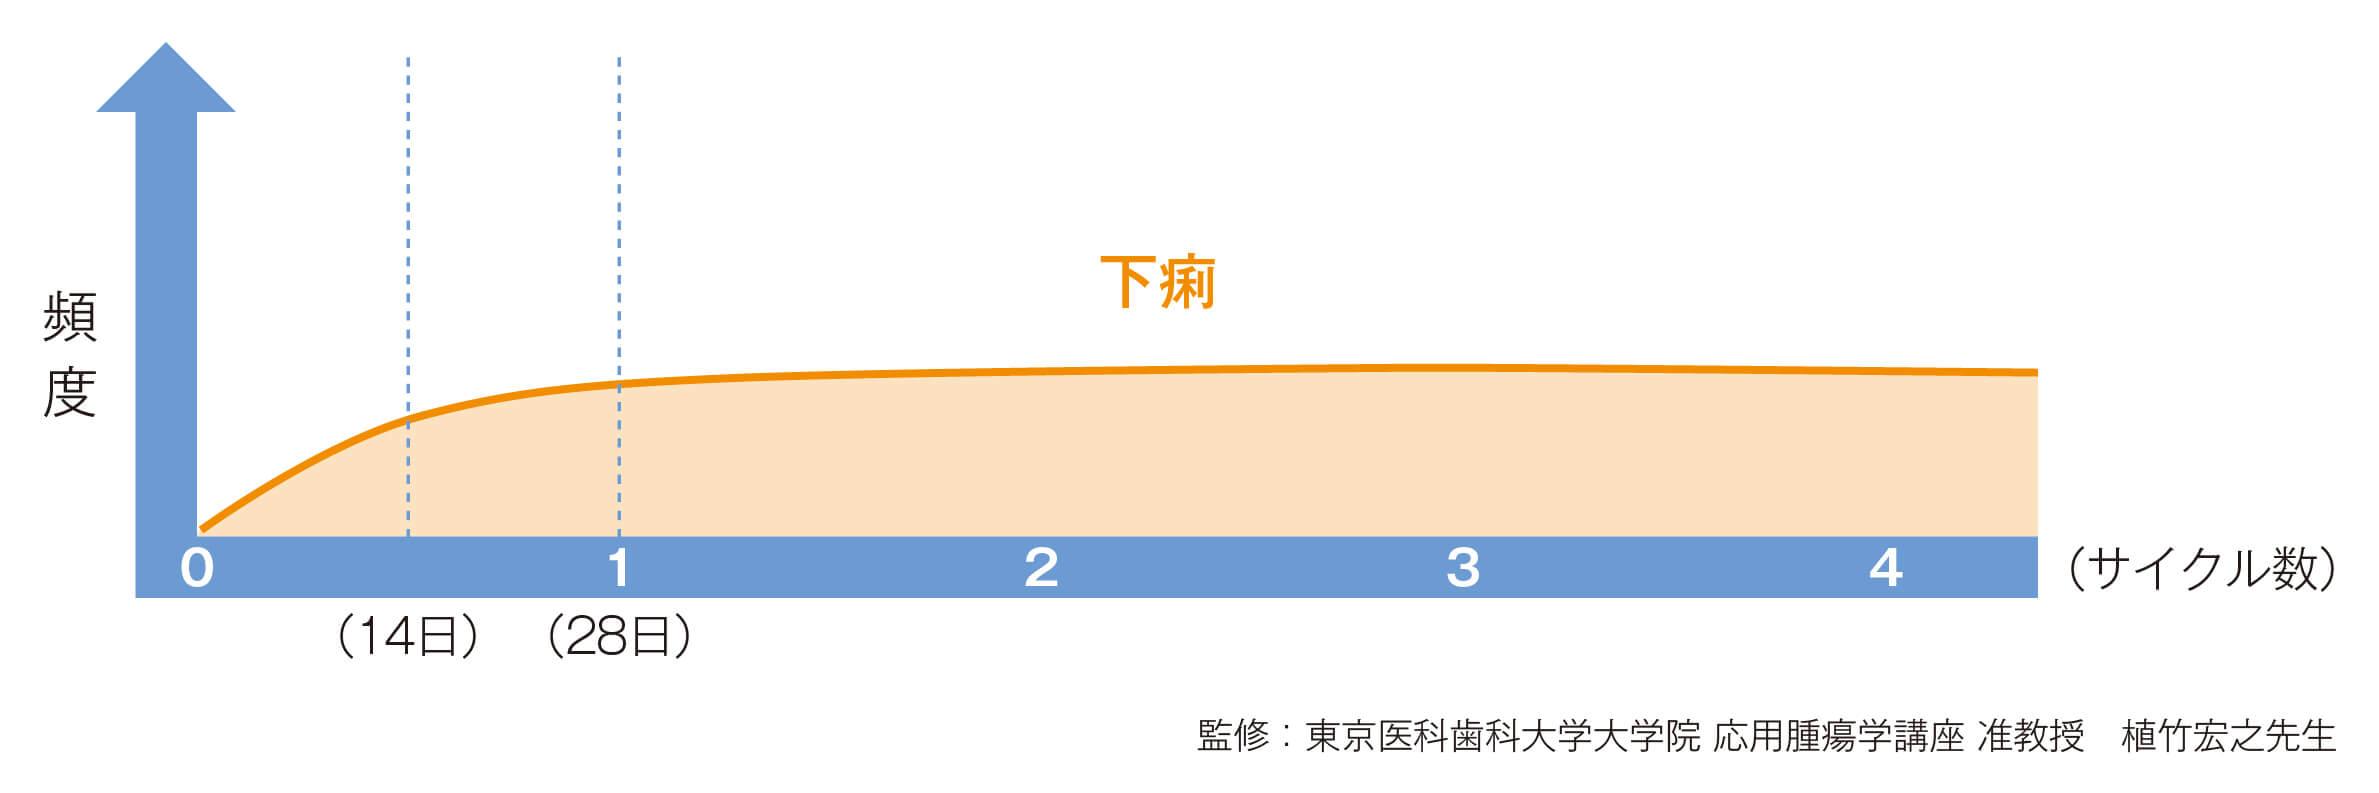 スチバーガ®による下痢の発現時期説明図